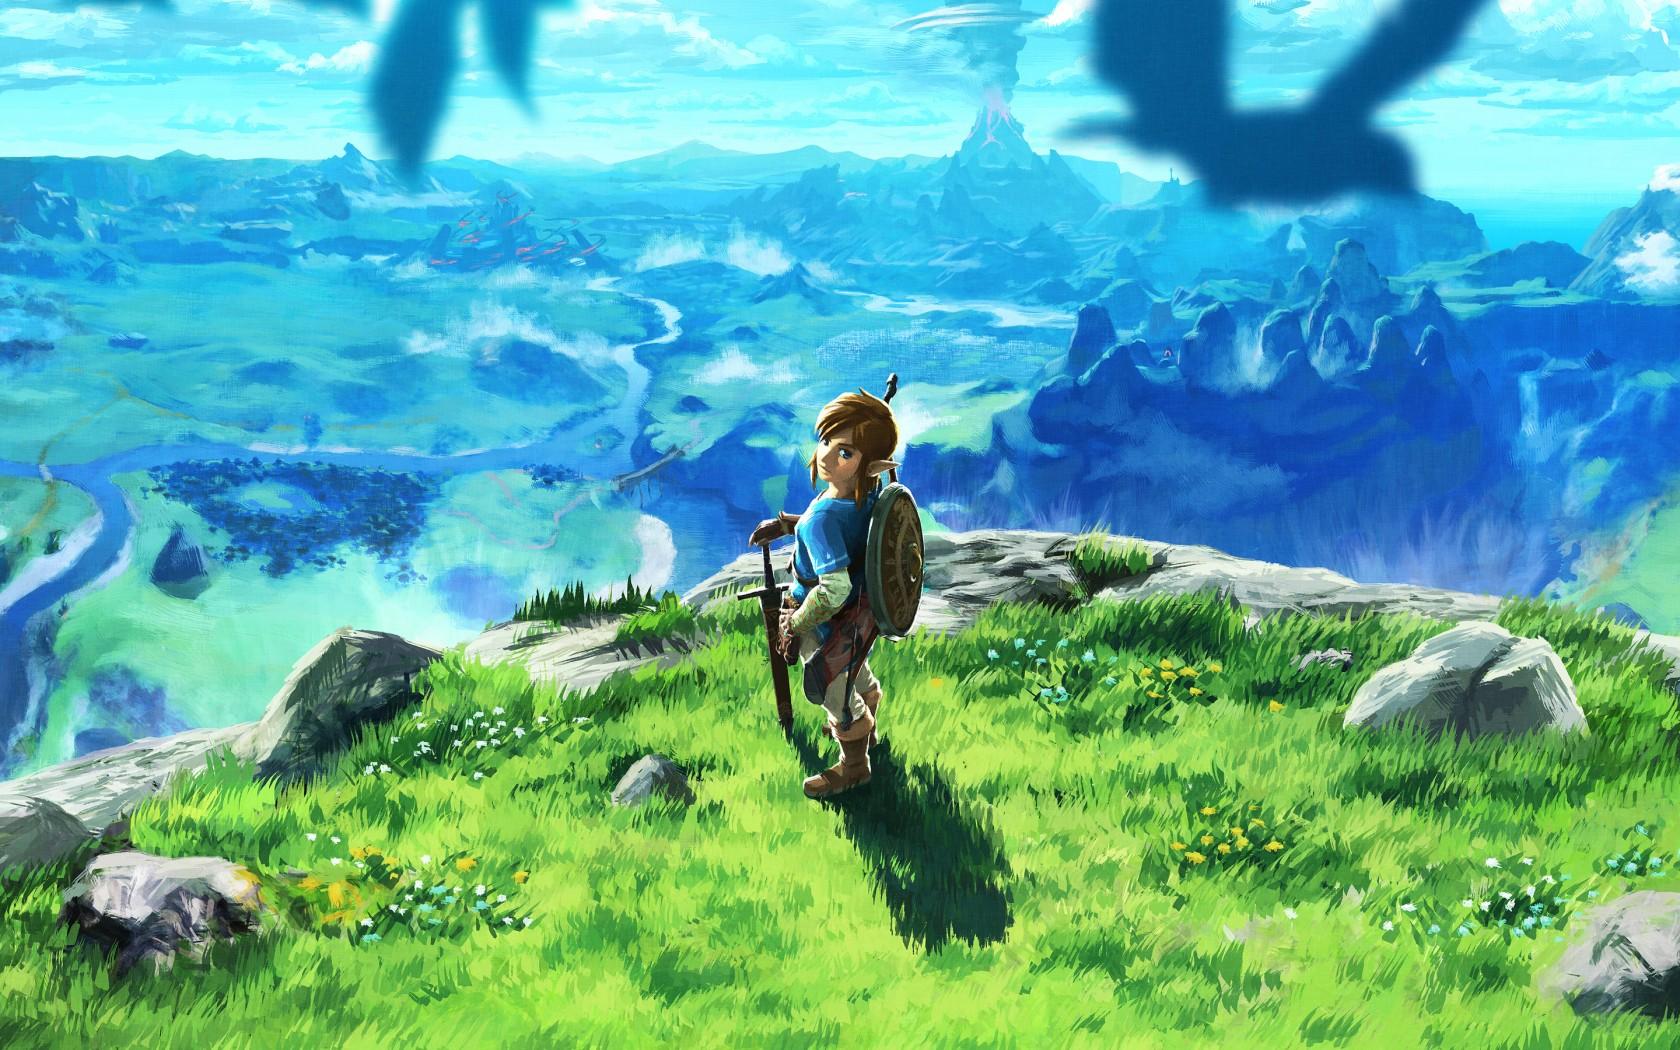 Wallpaper Apple Iphone 6 The Legend Of Zelda Breath Of The Wild 4k 2017 Wallpapers